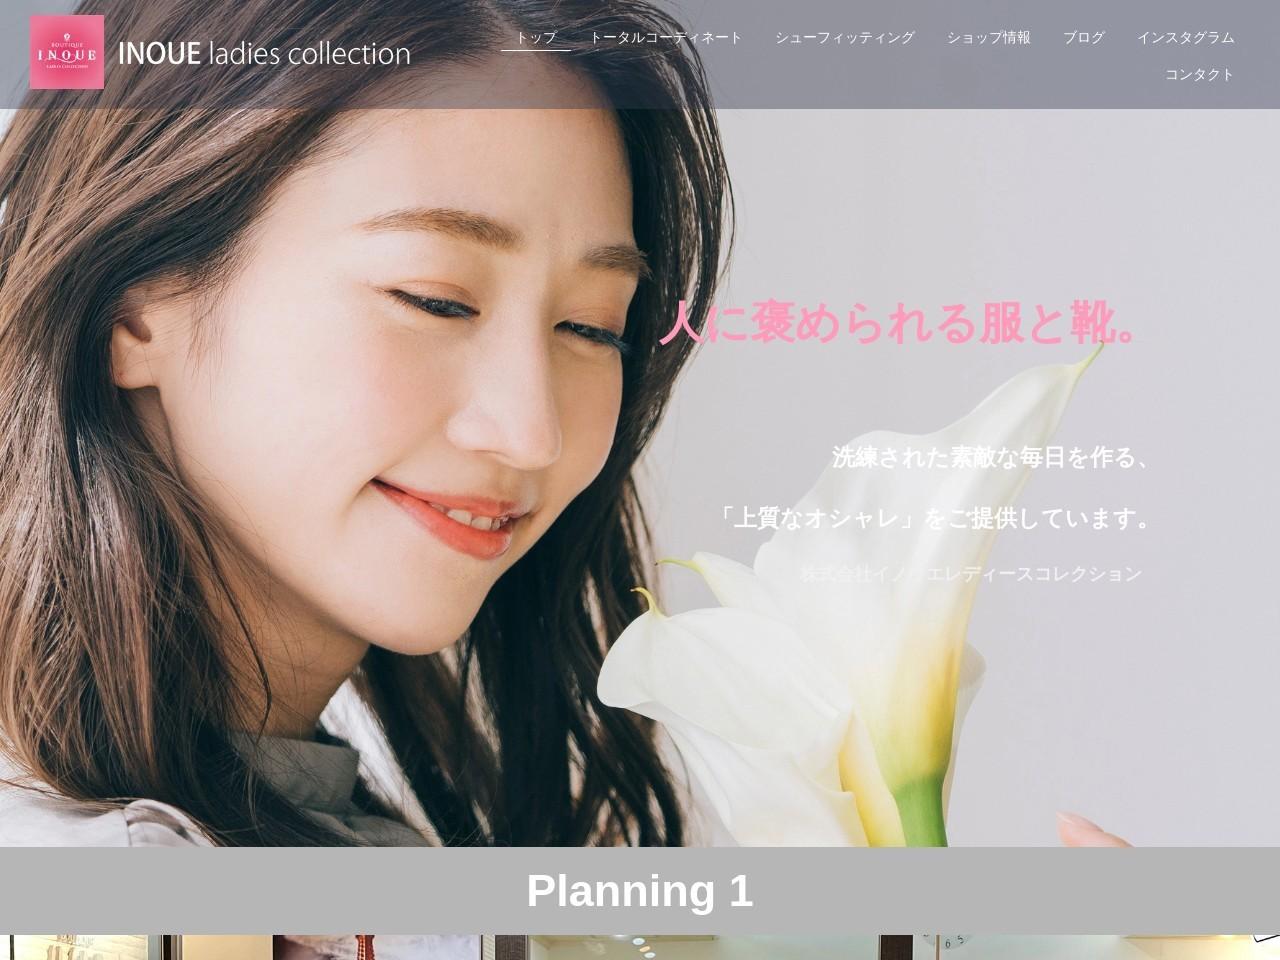 イノウエ・レディースコレクション|津山市の婦人服ブティック